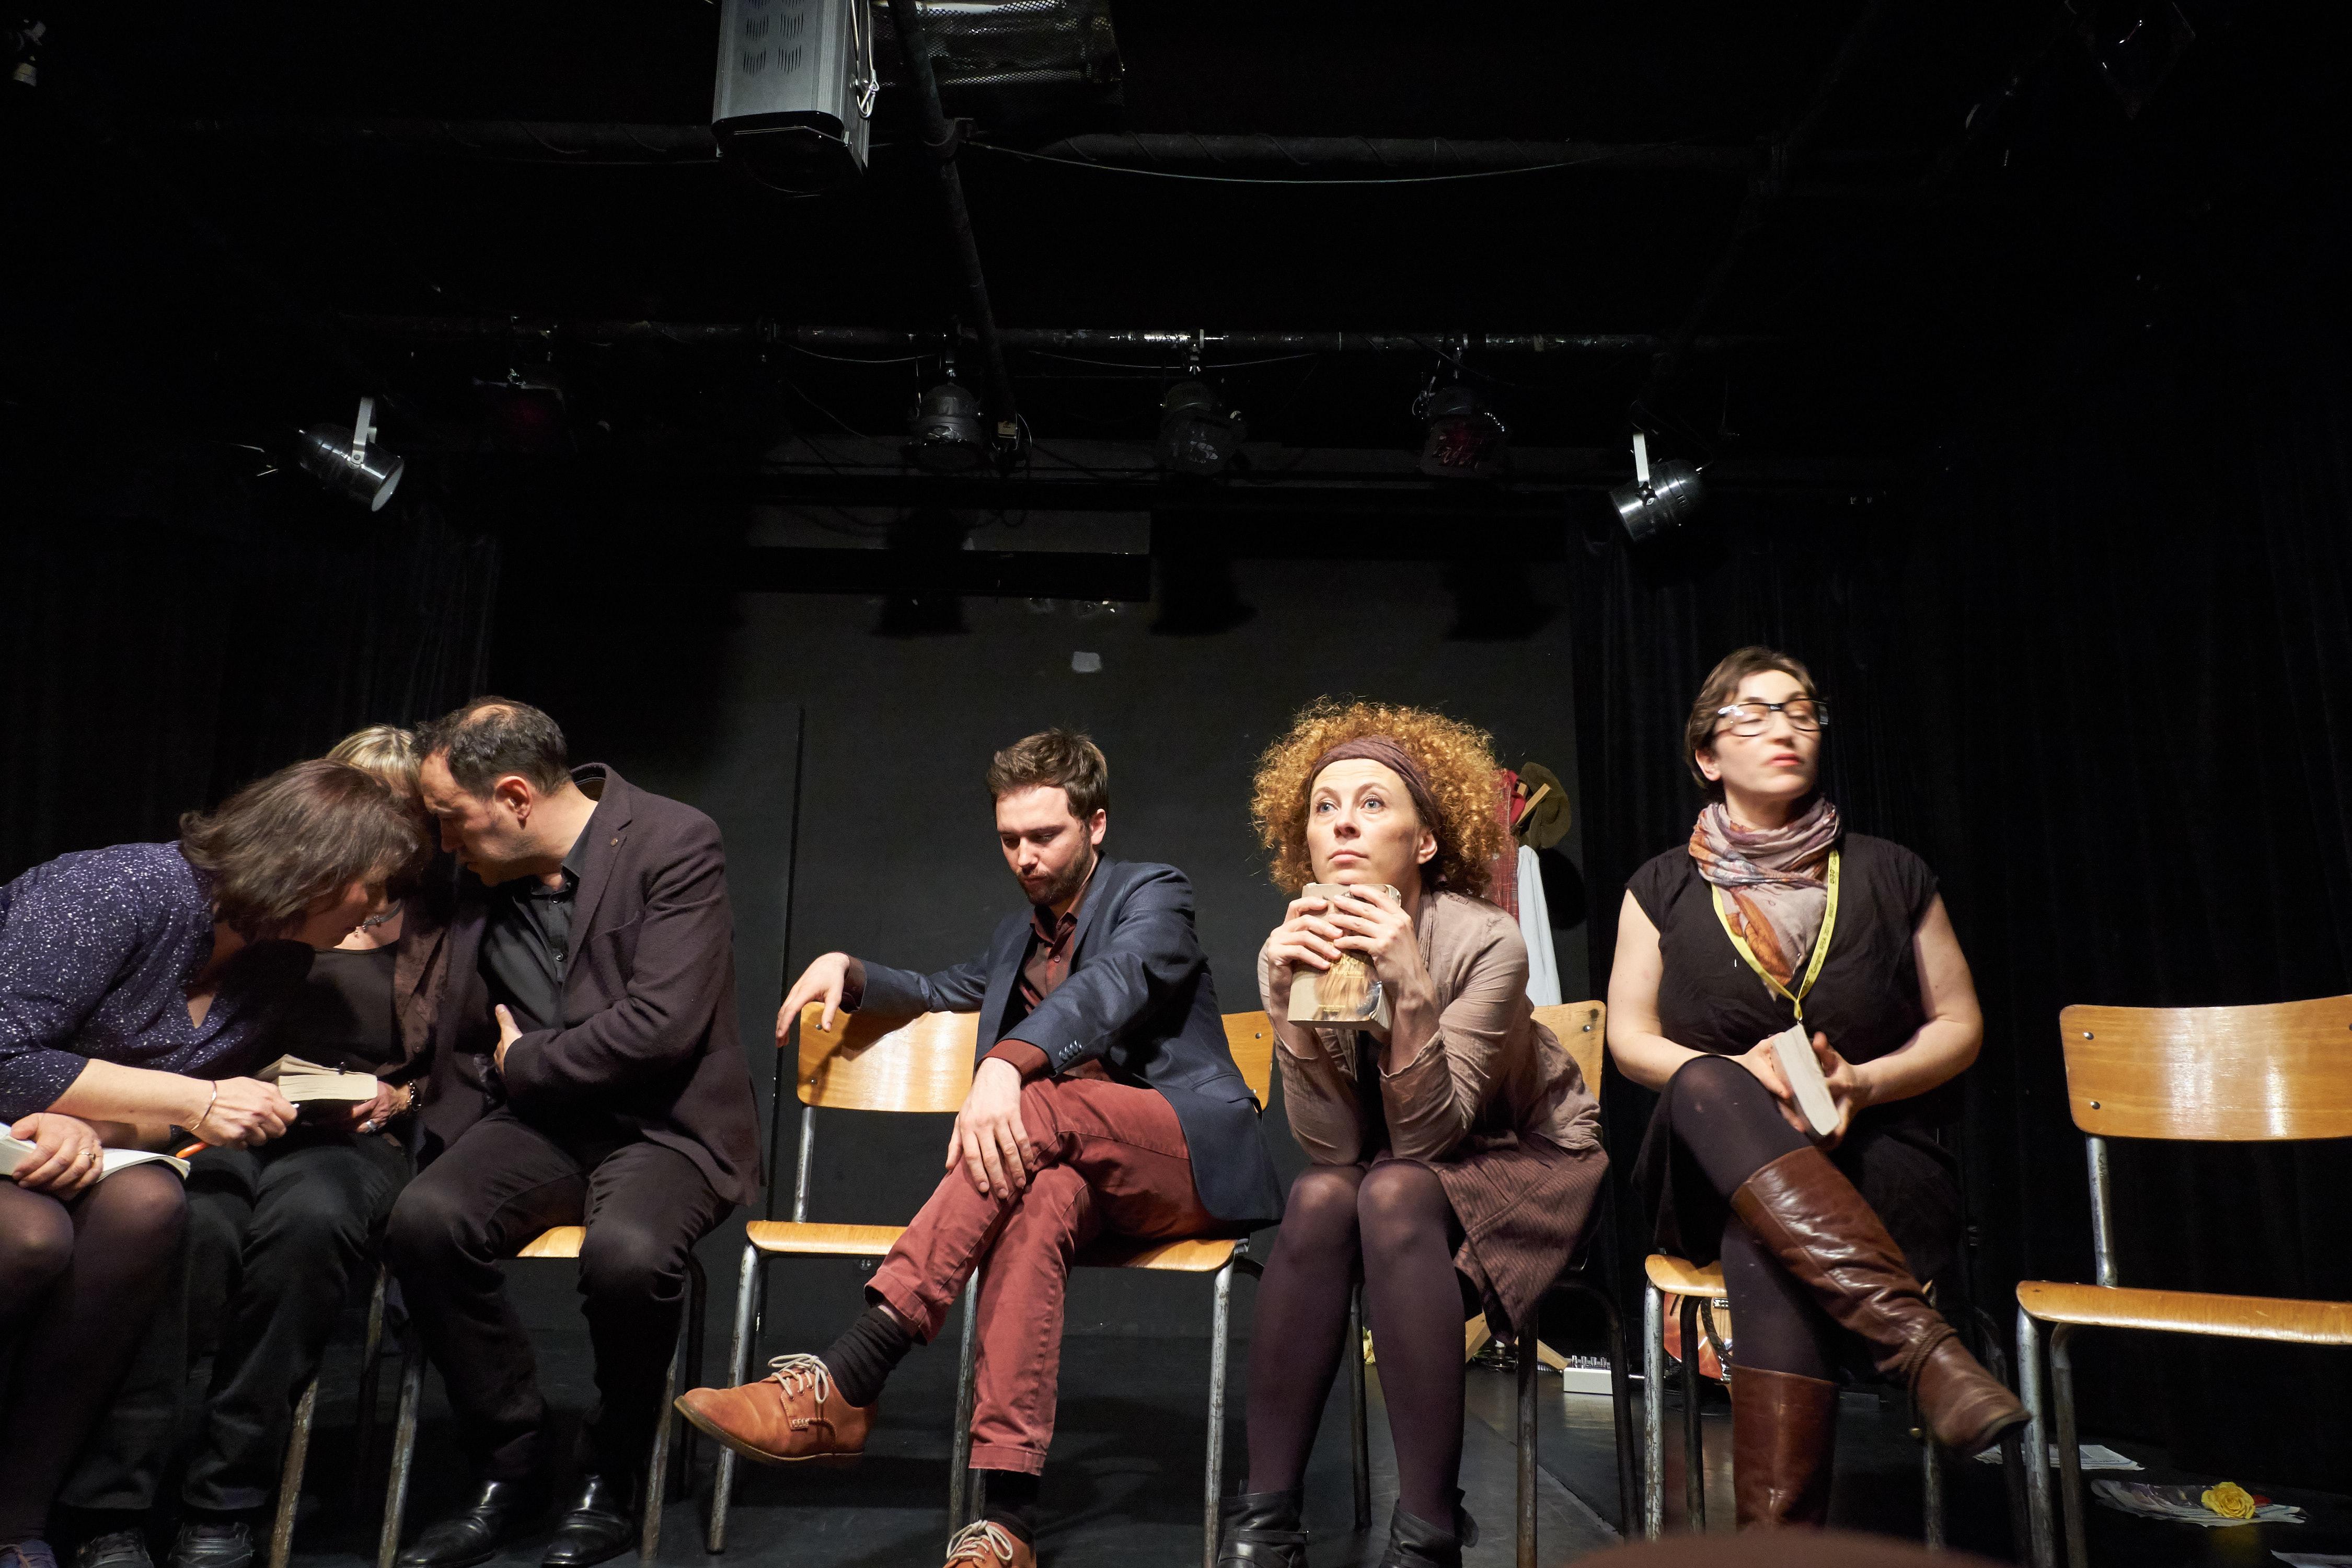 BoulgaClub 1 Ensemble